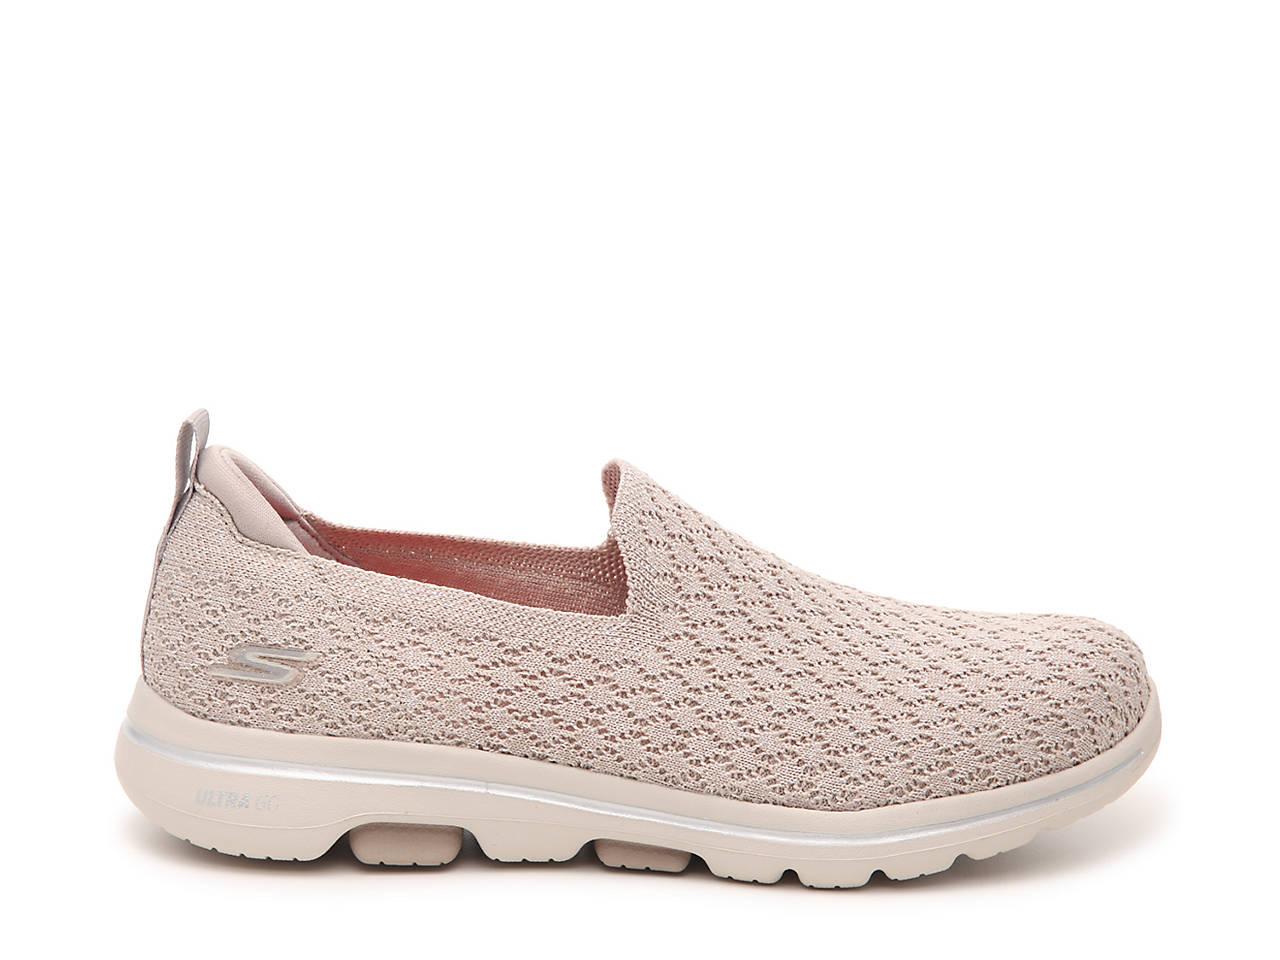 4fb3ebdf Skechers GOWalk 5 Brave Slip-On Sneaker - Women's Women's Shoes | DSW